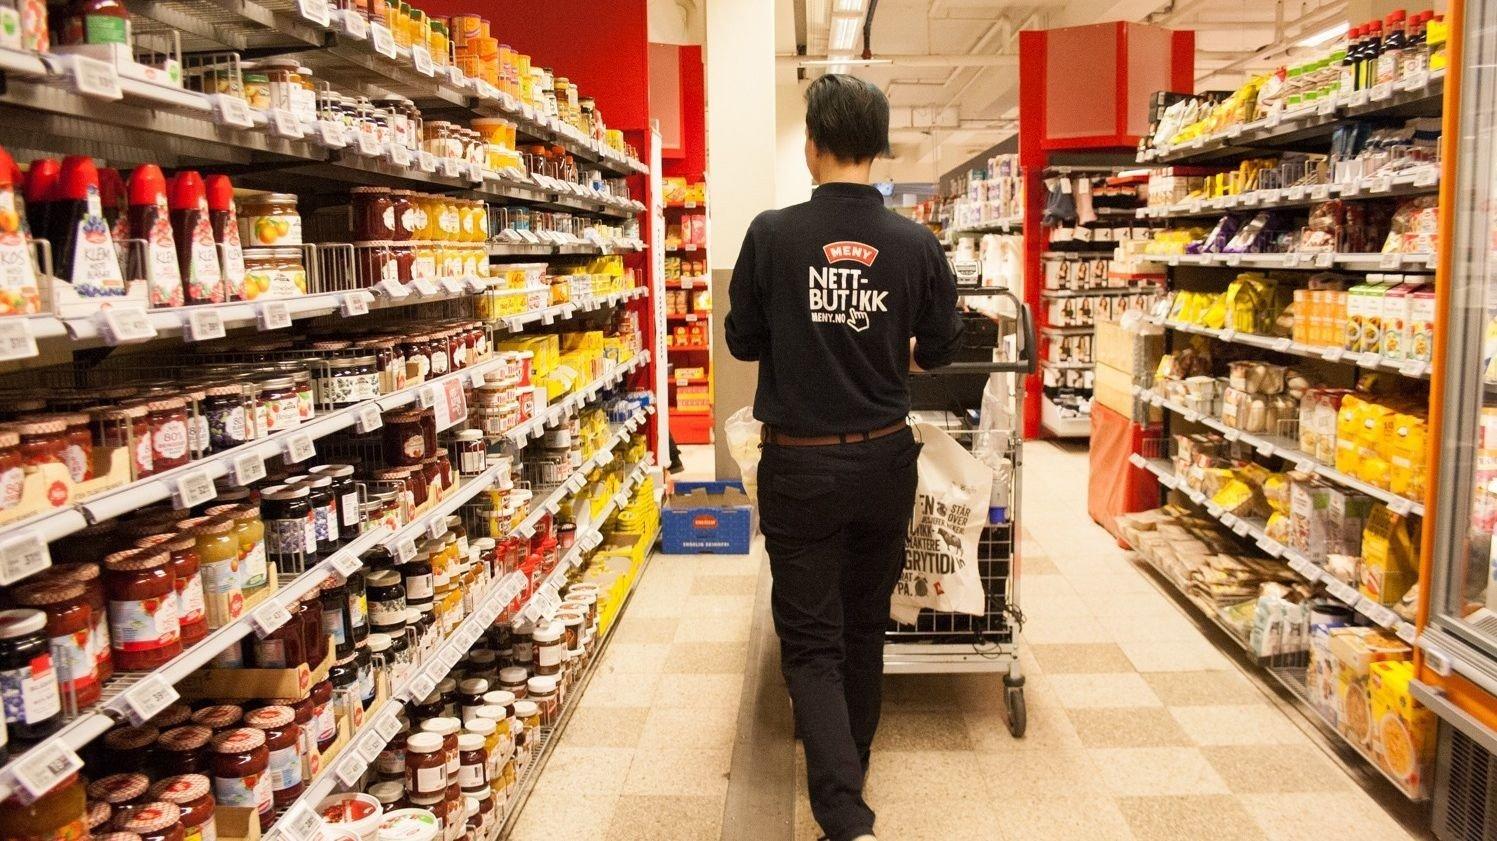 meny butikk med meny-ansatt.her er det definitivt penger å spare på å velge riktig butikk.